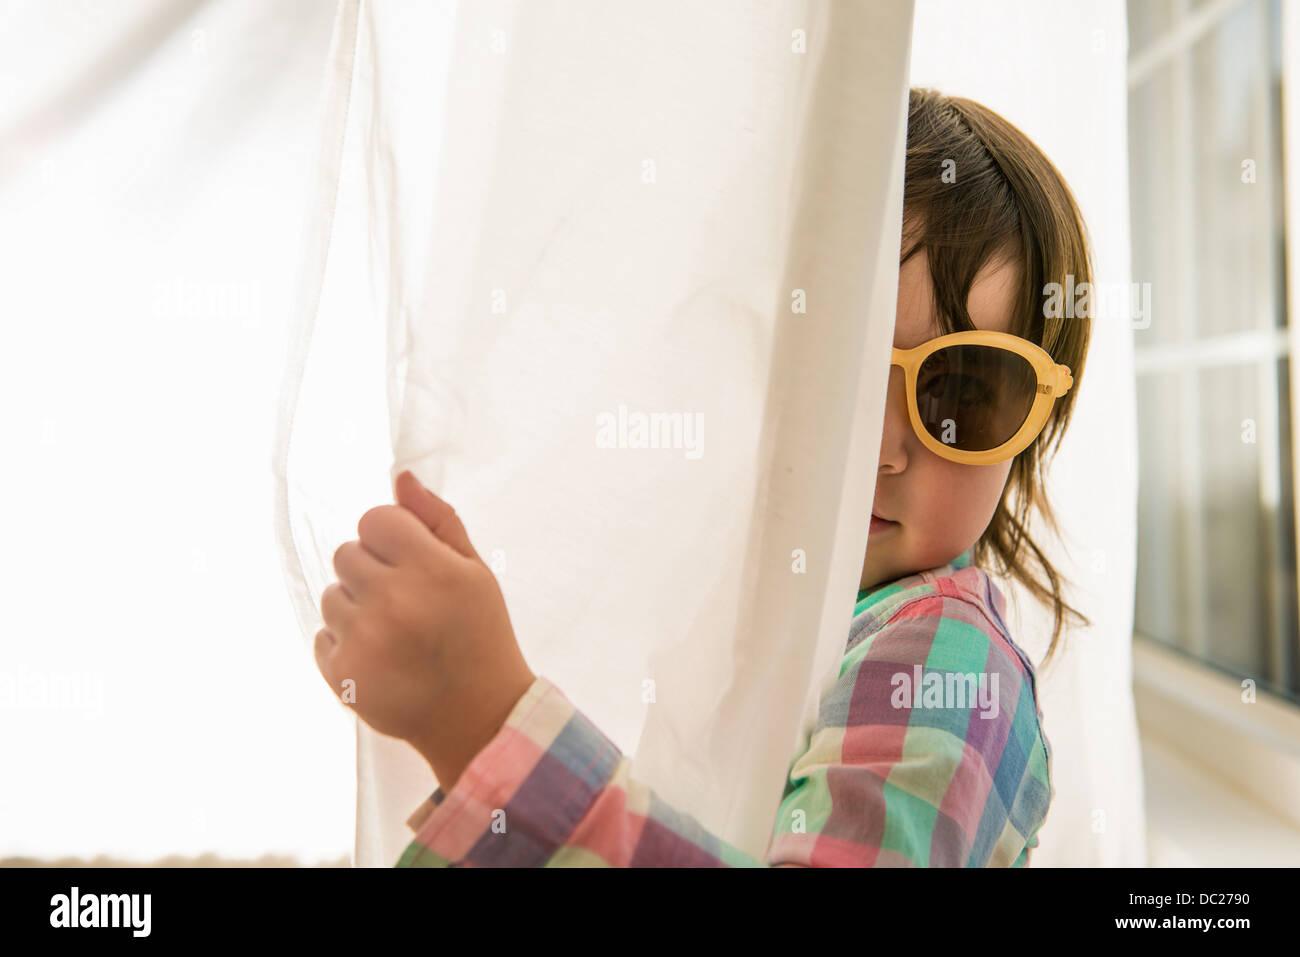 Ragazza di peering tenda rotonda indossando occhiali da sole Immagini Stock